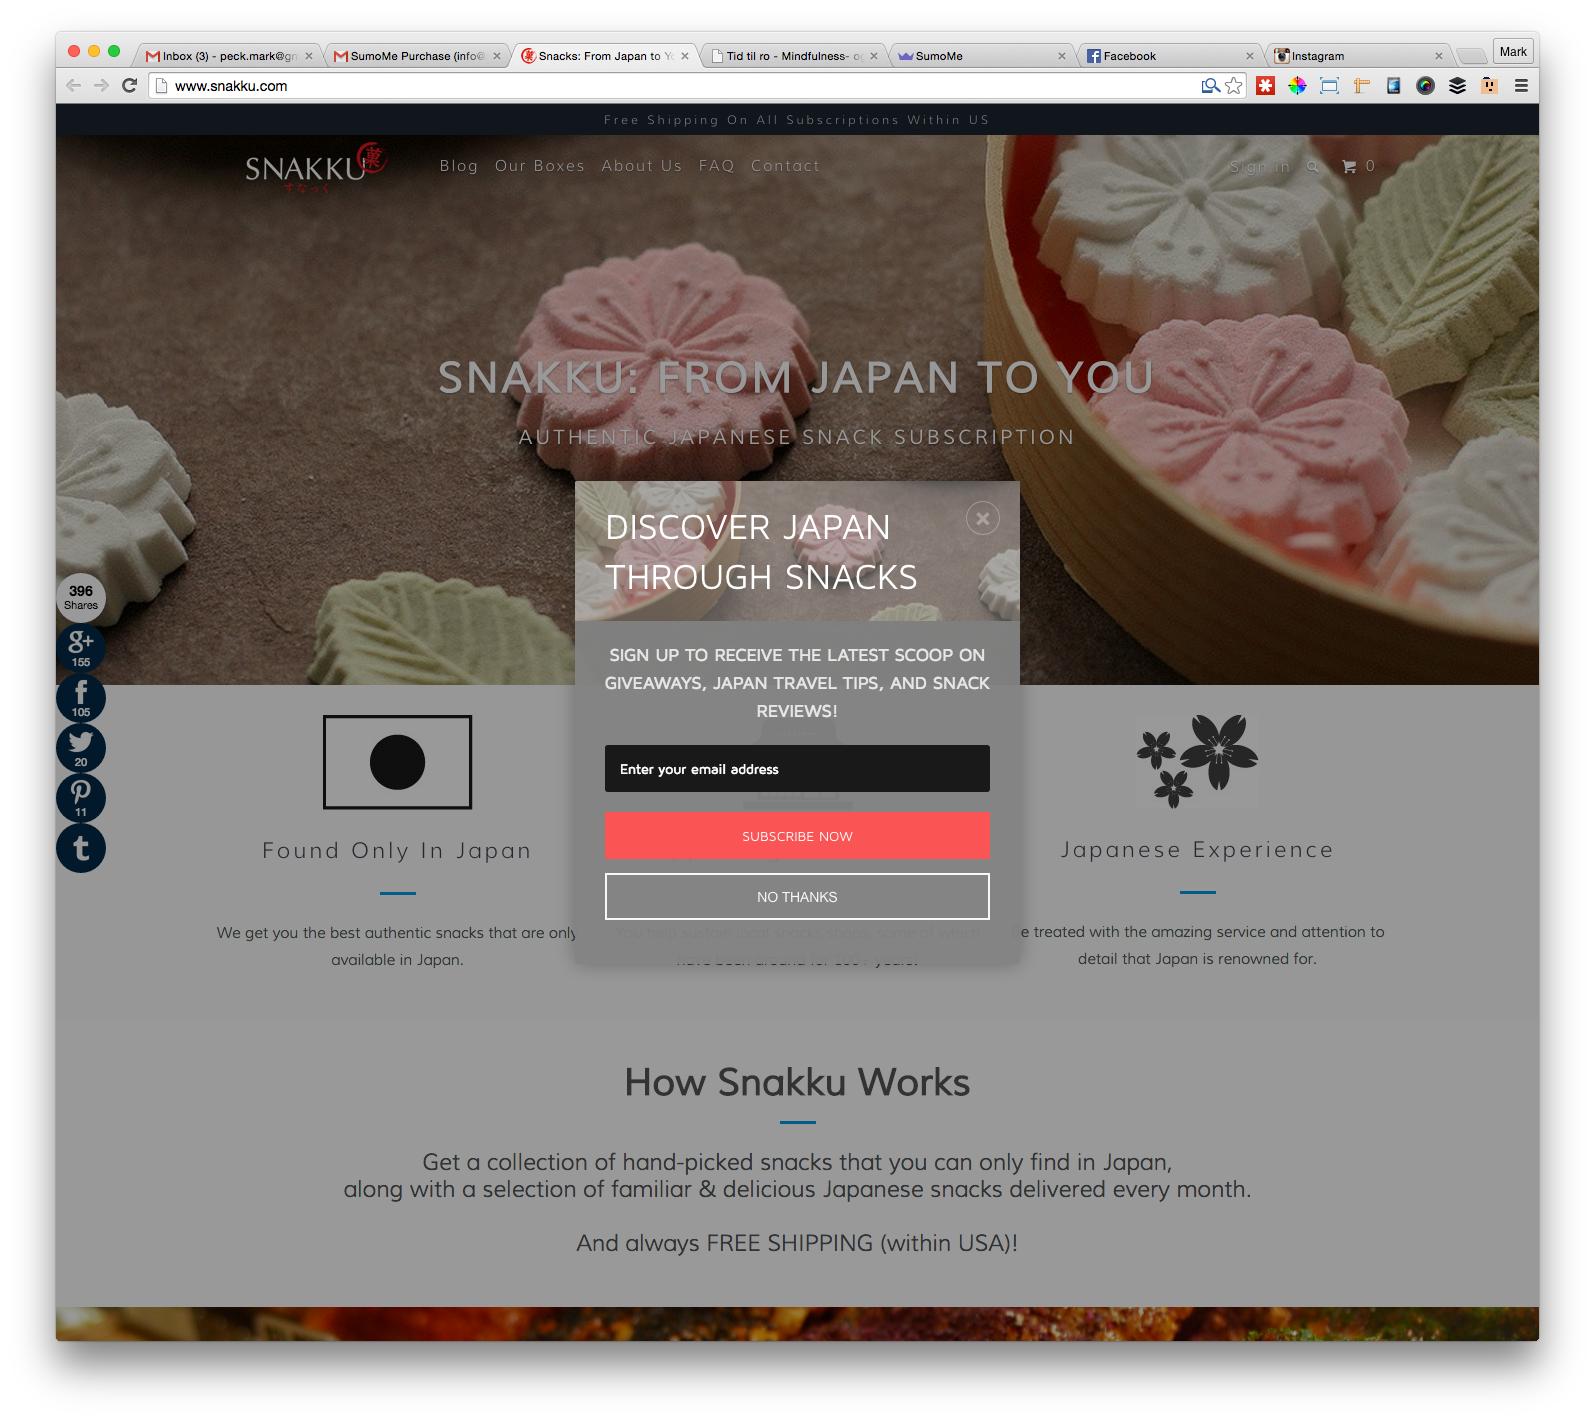 Screenshot showing a Sumo popup